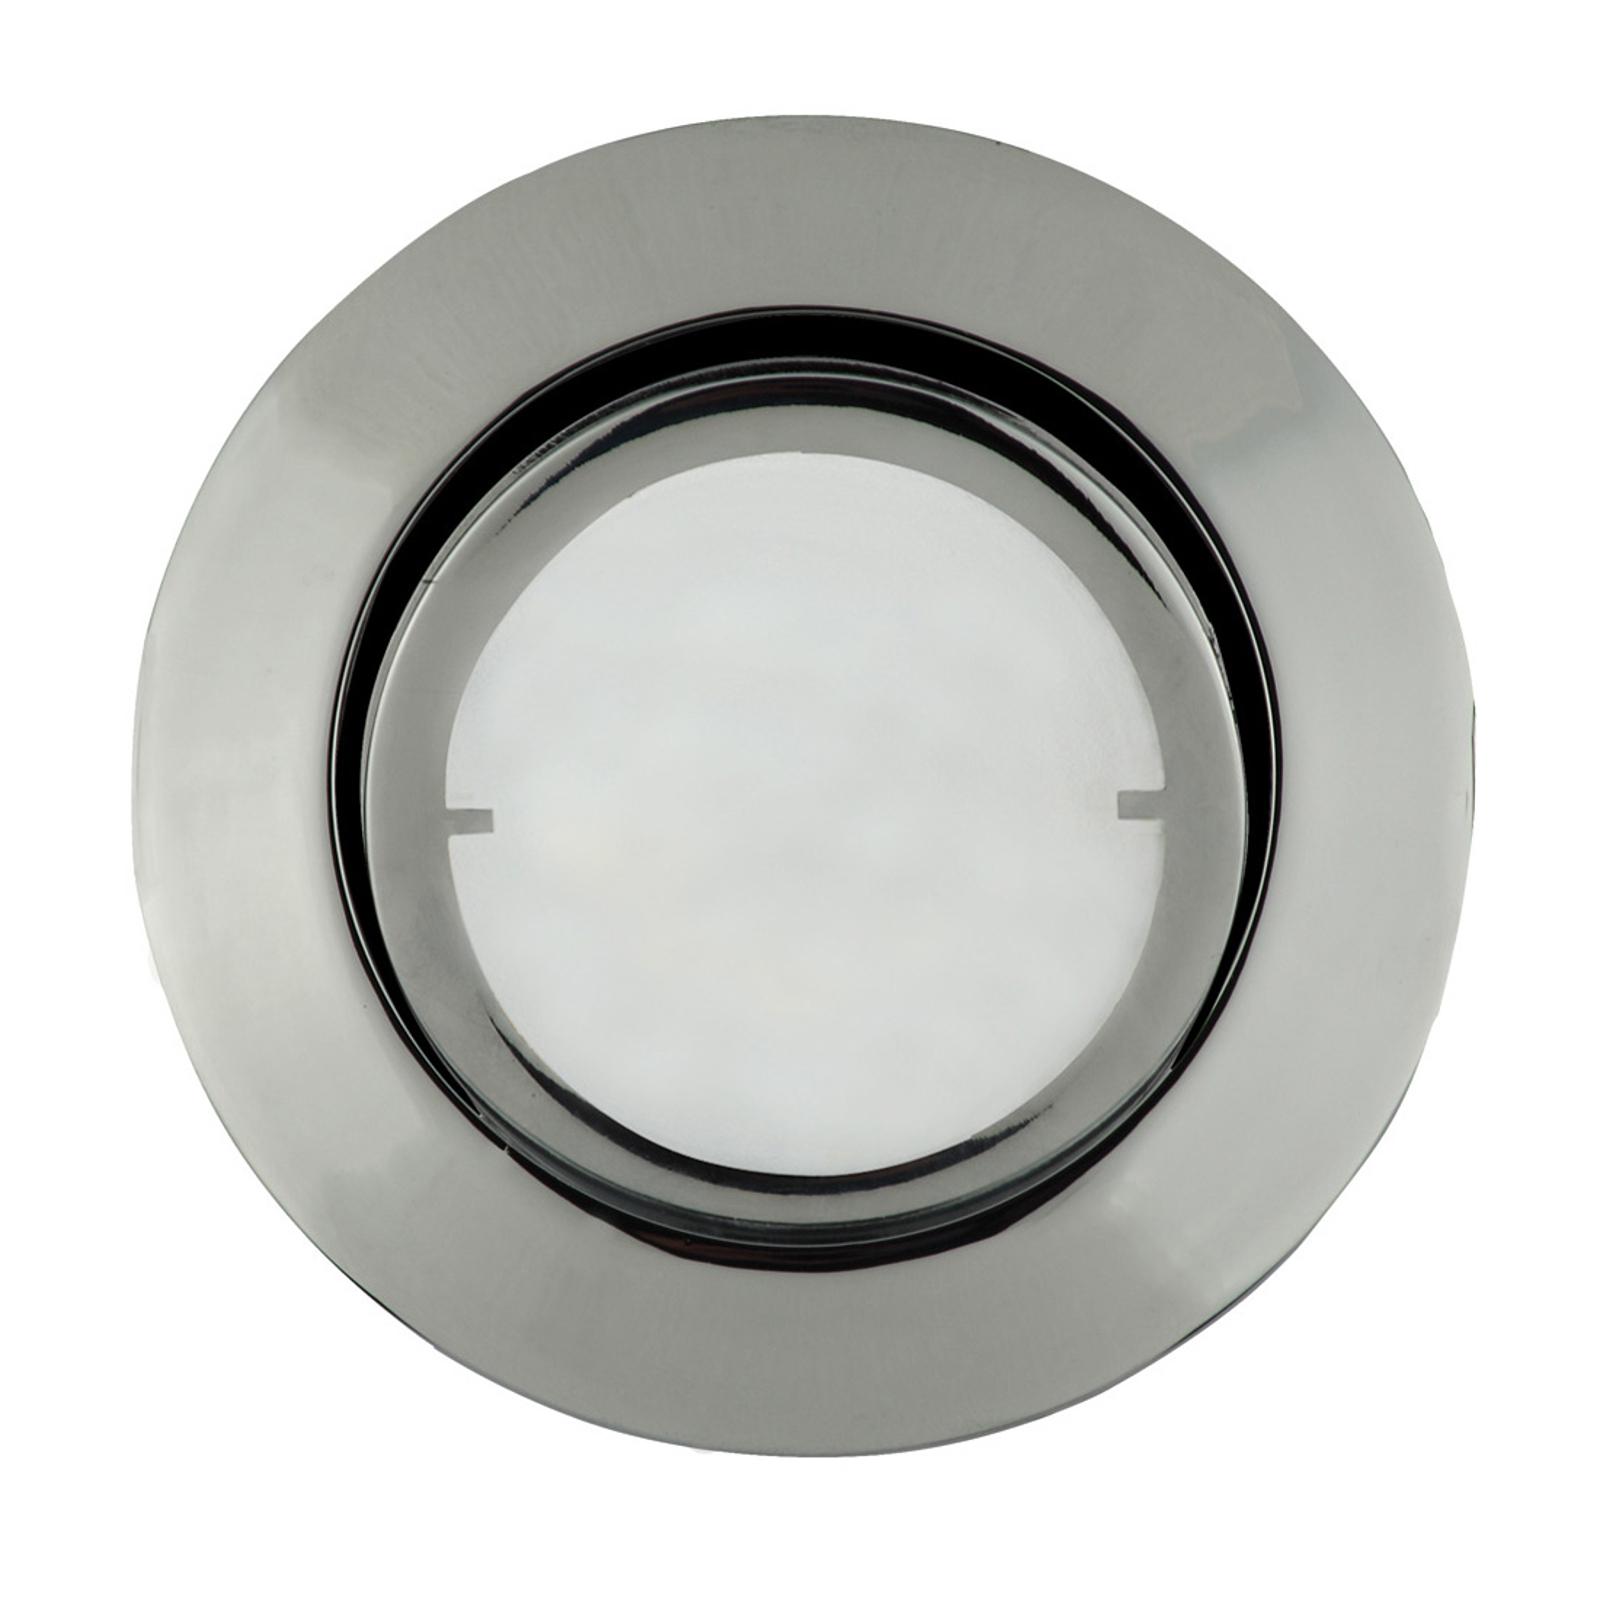 Okrúhle zapustené LED svetlo Joanie, chróm_1524124_1